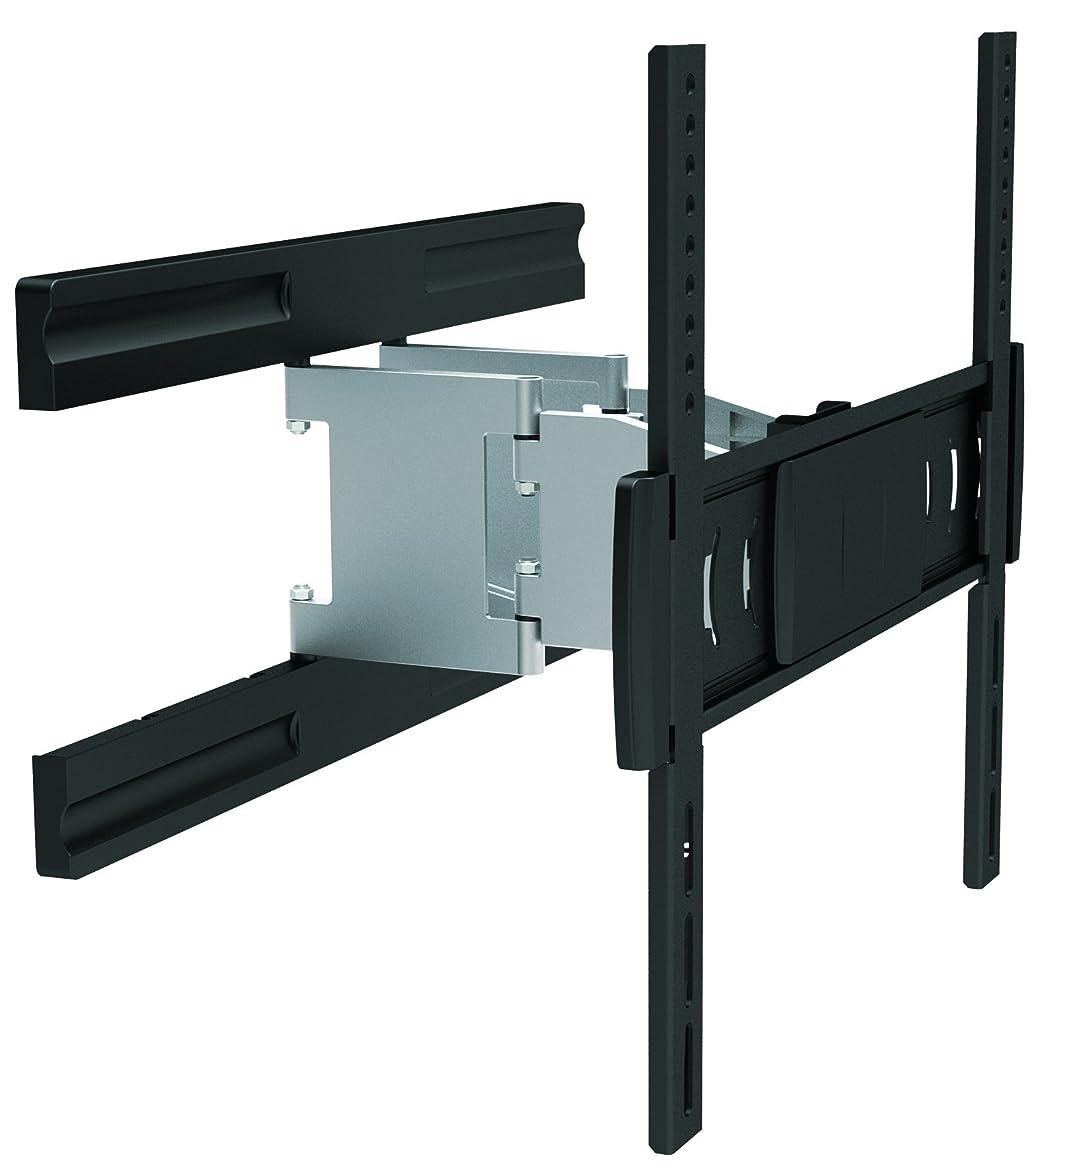 ボイコットクルーズしばしばSTARPLATINUM テレビ壁掛け金具 TVセッターアドバンス SA124 Mサイズ 37-65インチ対応